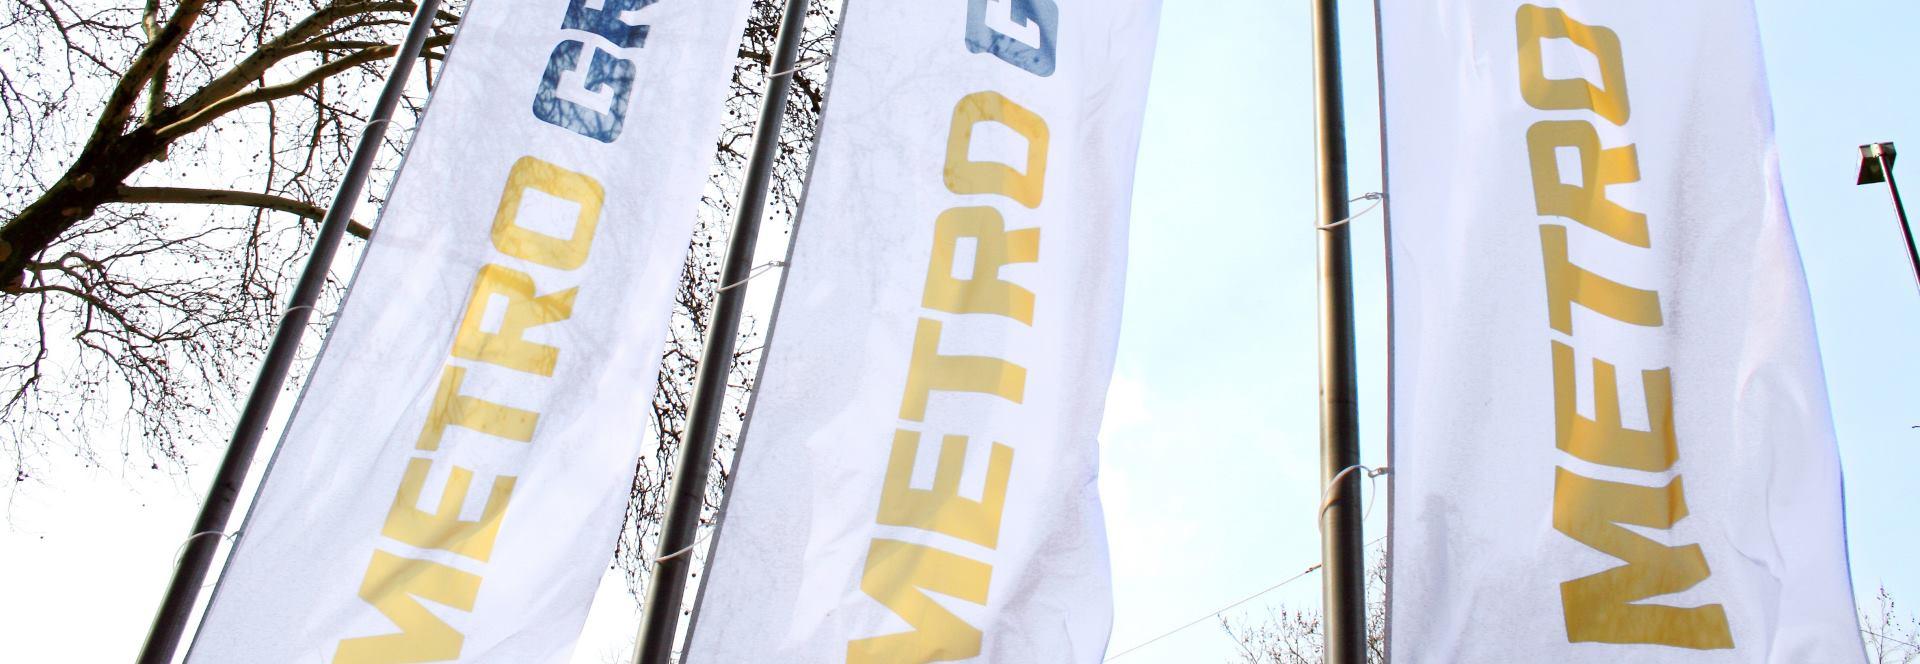 METRO Cash & Carry poziva mlade na sudjelovanje u programu Ready2Lead